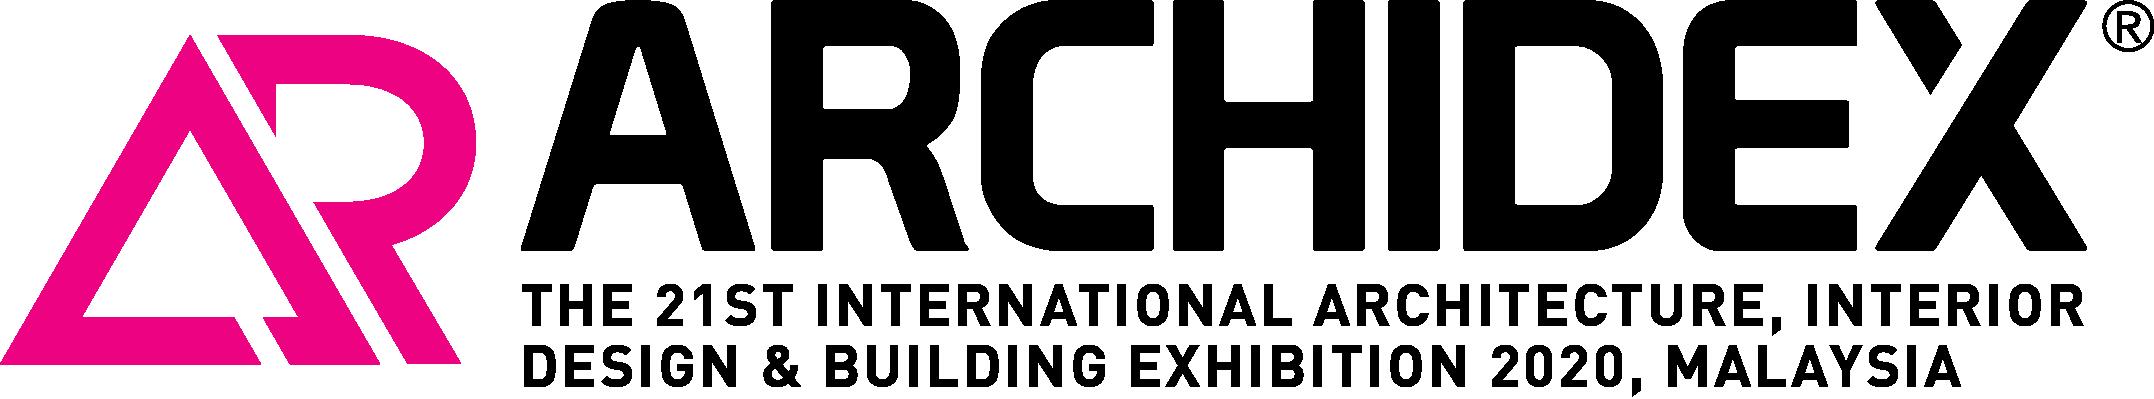 Archidexlogo